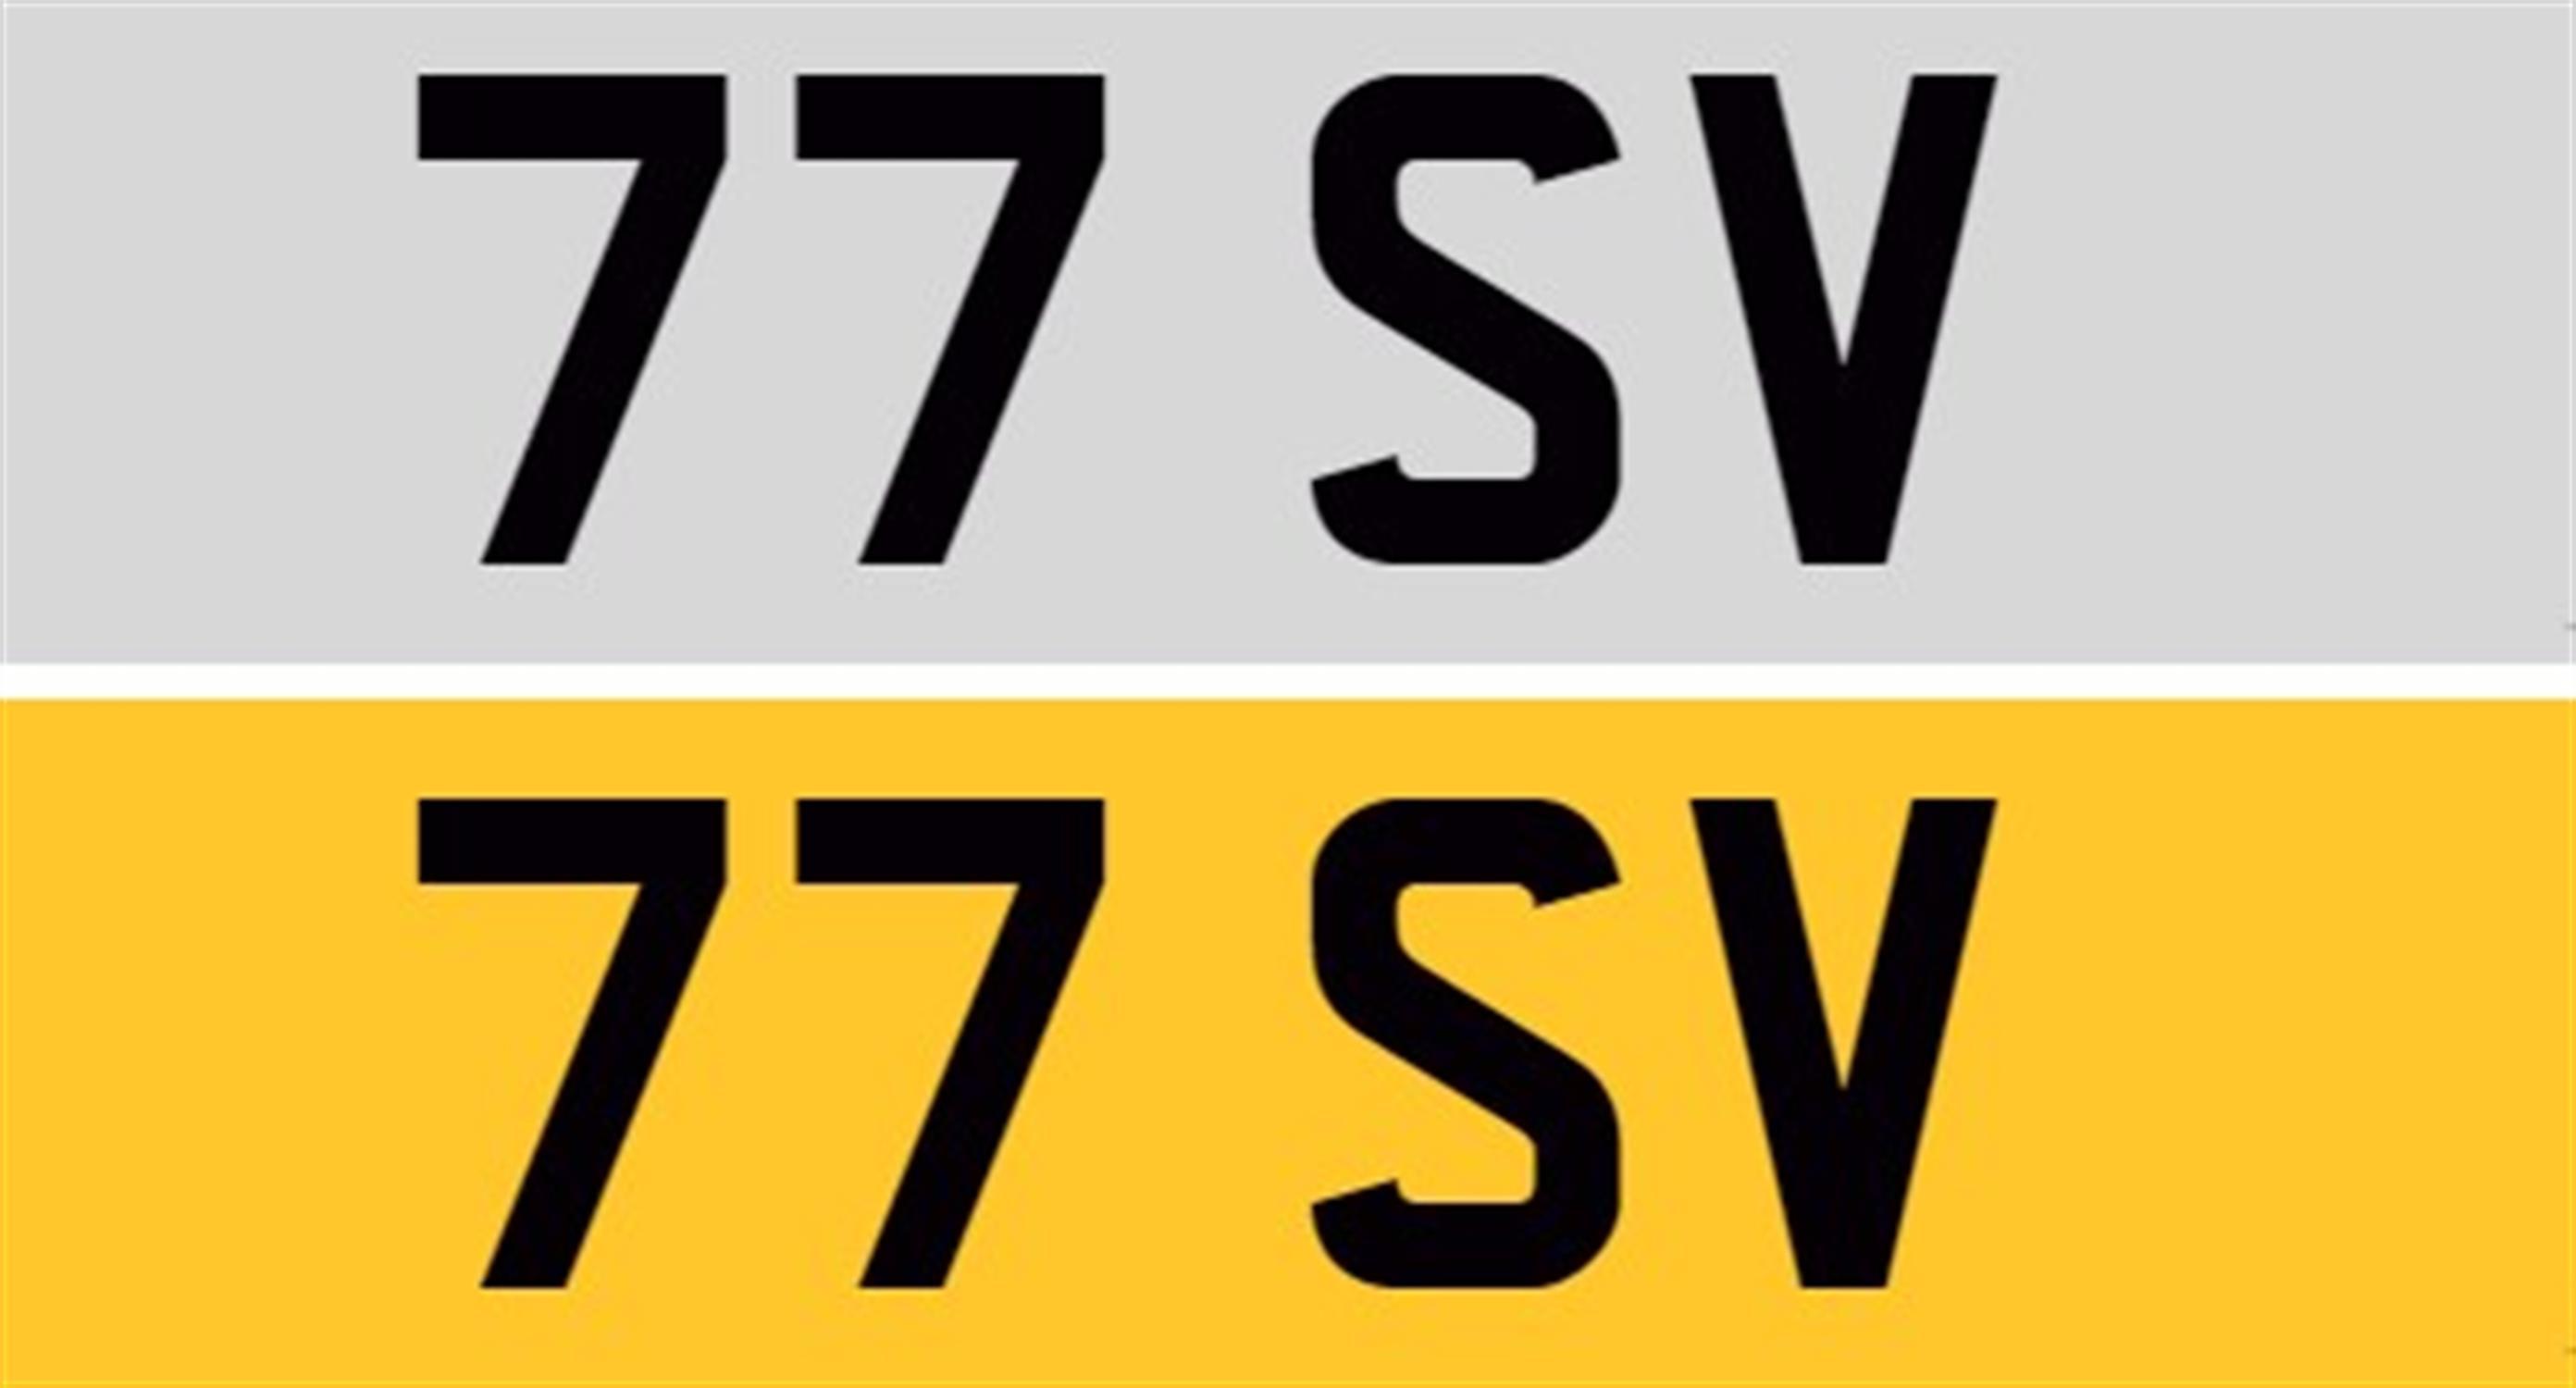 Registration Number 77 SV